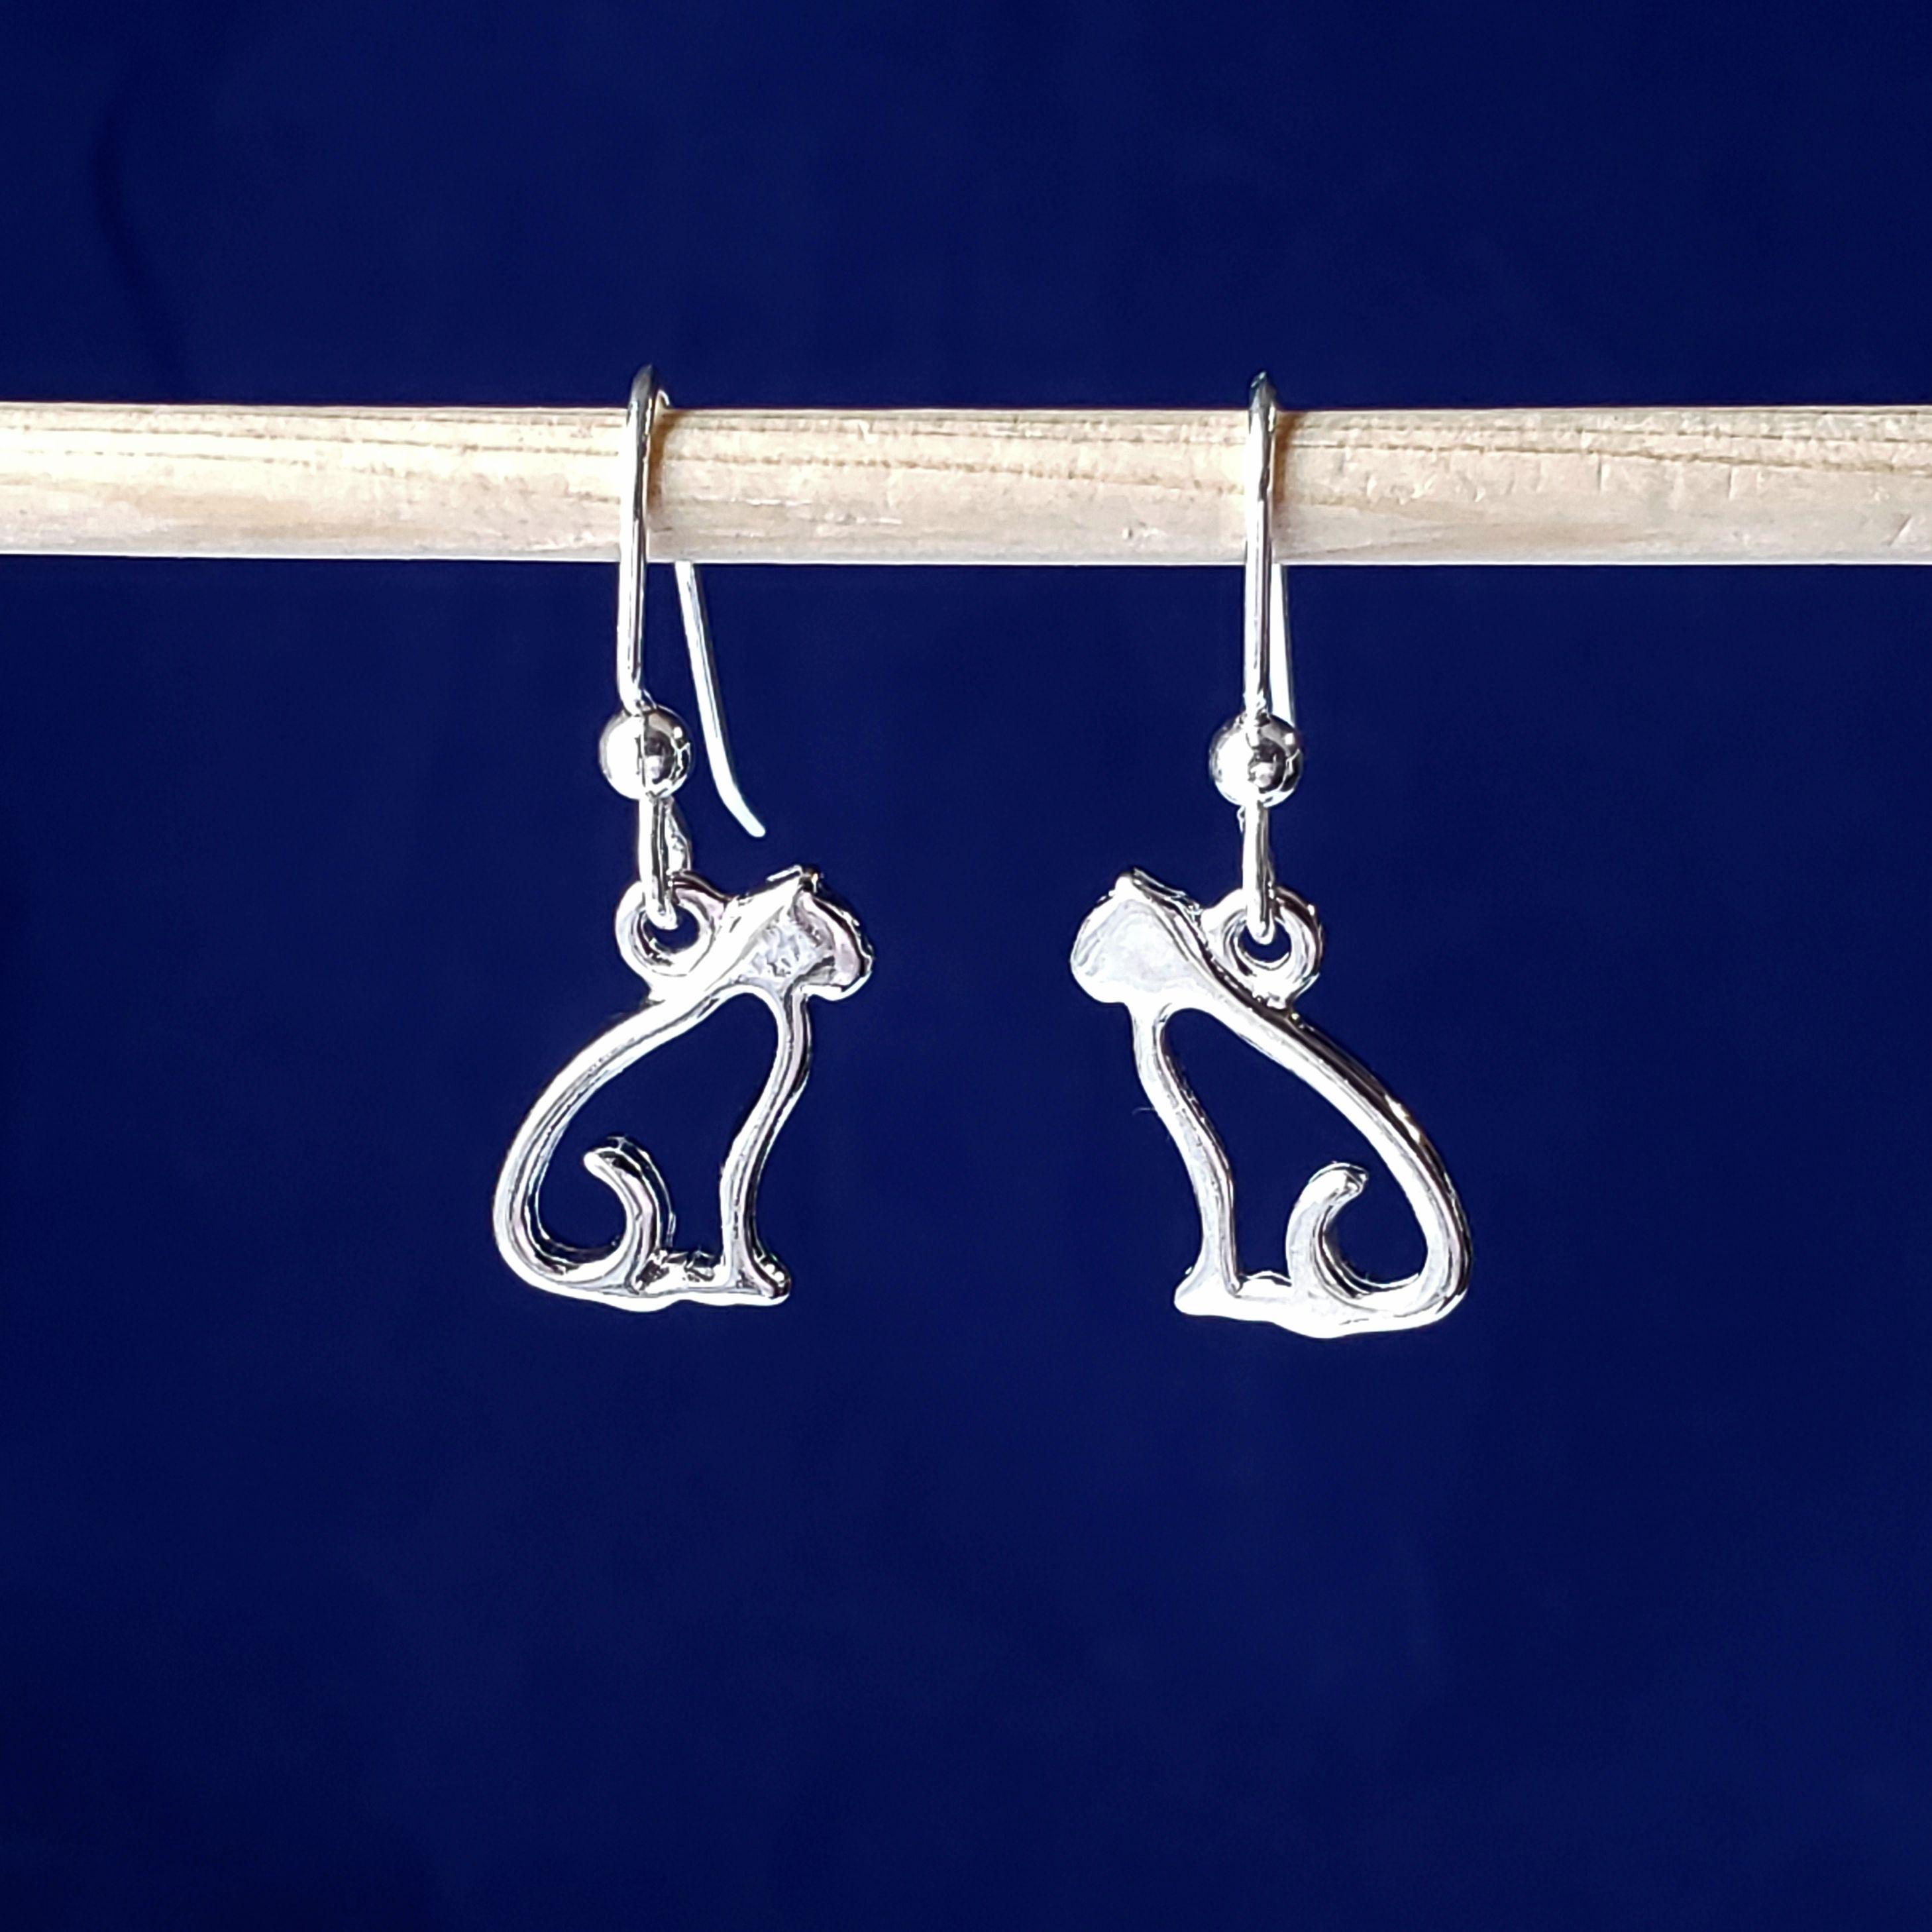 Sterling Silver Sitting Cat Wire Earrings